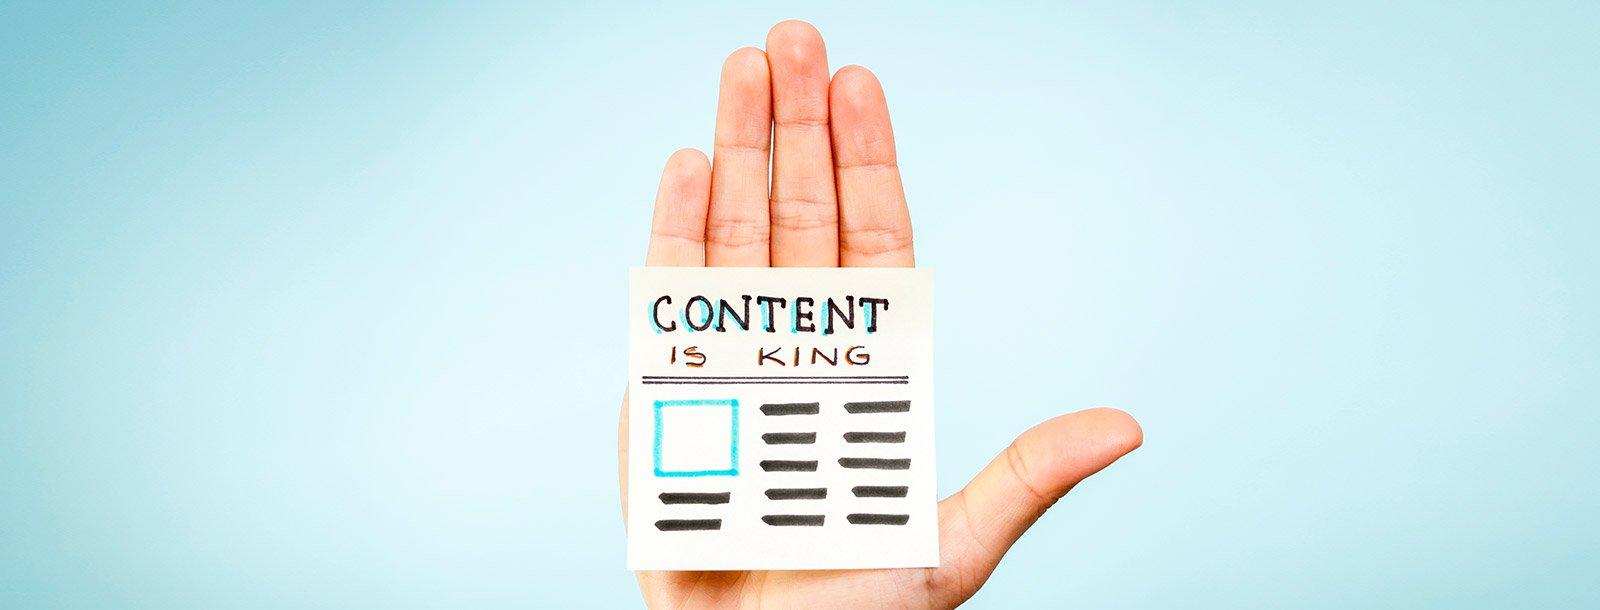 die-gutwerker-content-marketing